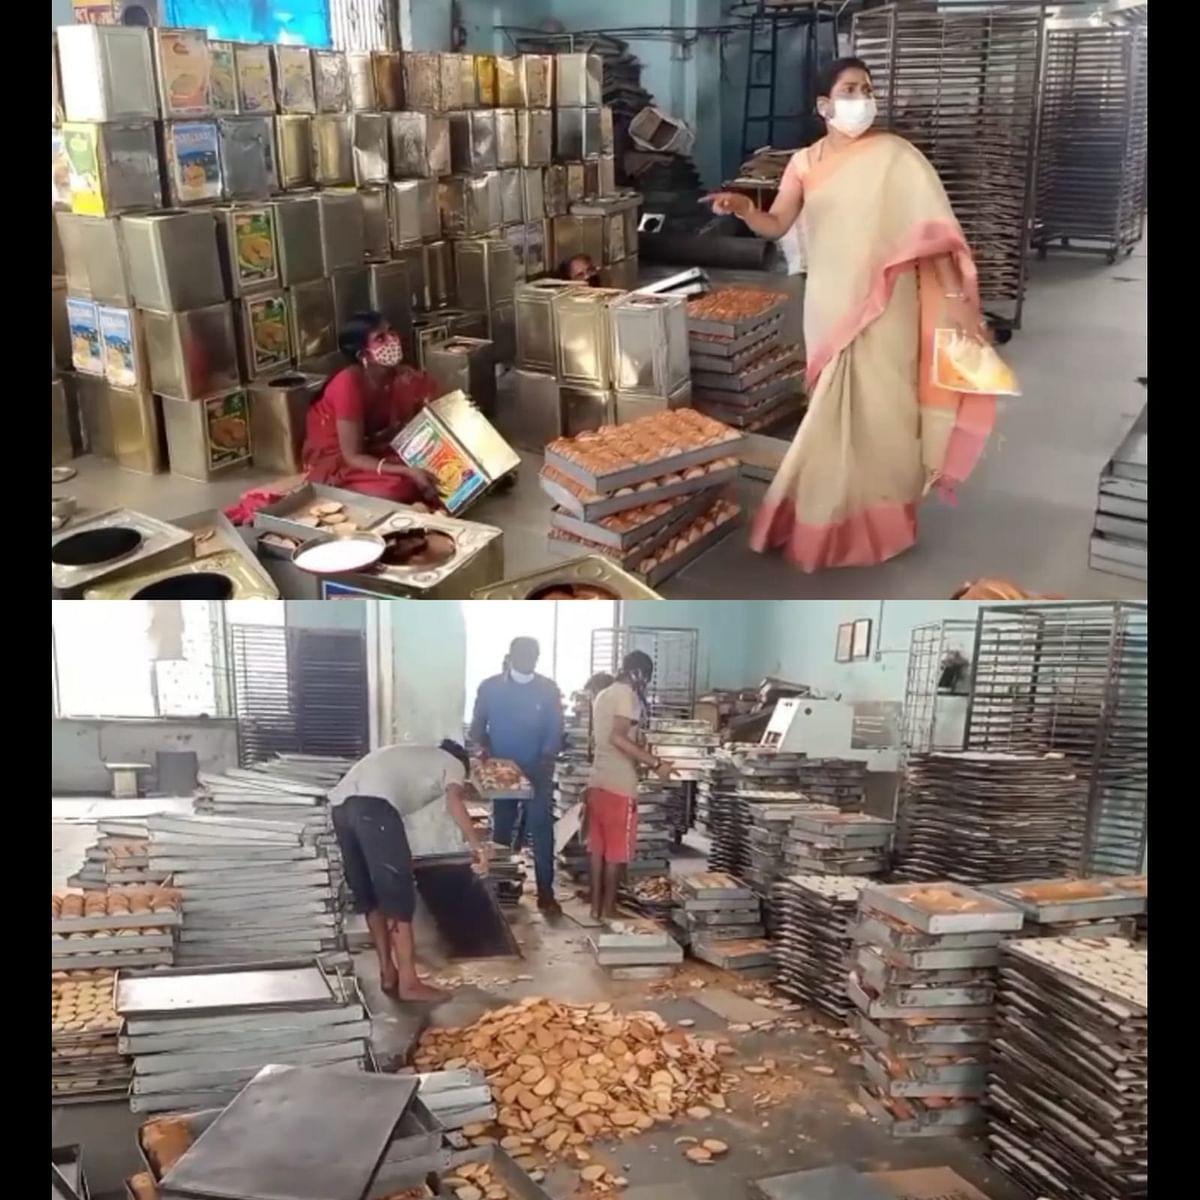 நாக்கால் நக்கி, காலால் மிதித்த வடமாநில தொழிலாளி: ரஸ்க் ஆலை மீது அதிரடி ஆக்ஷன் எடுத்த அதிகாரிகள்!